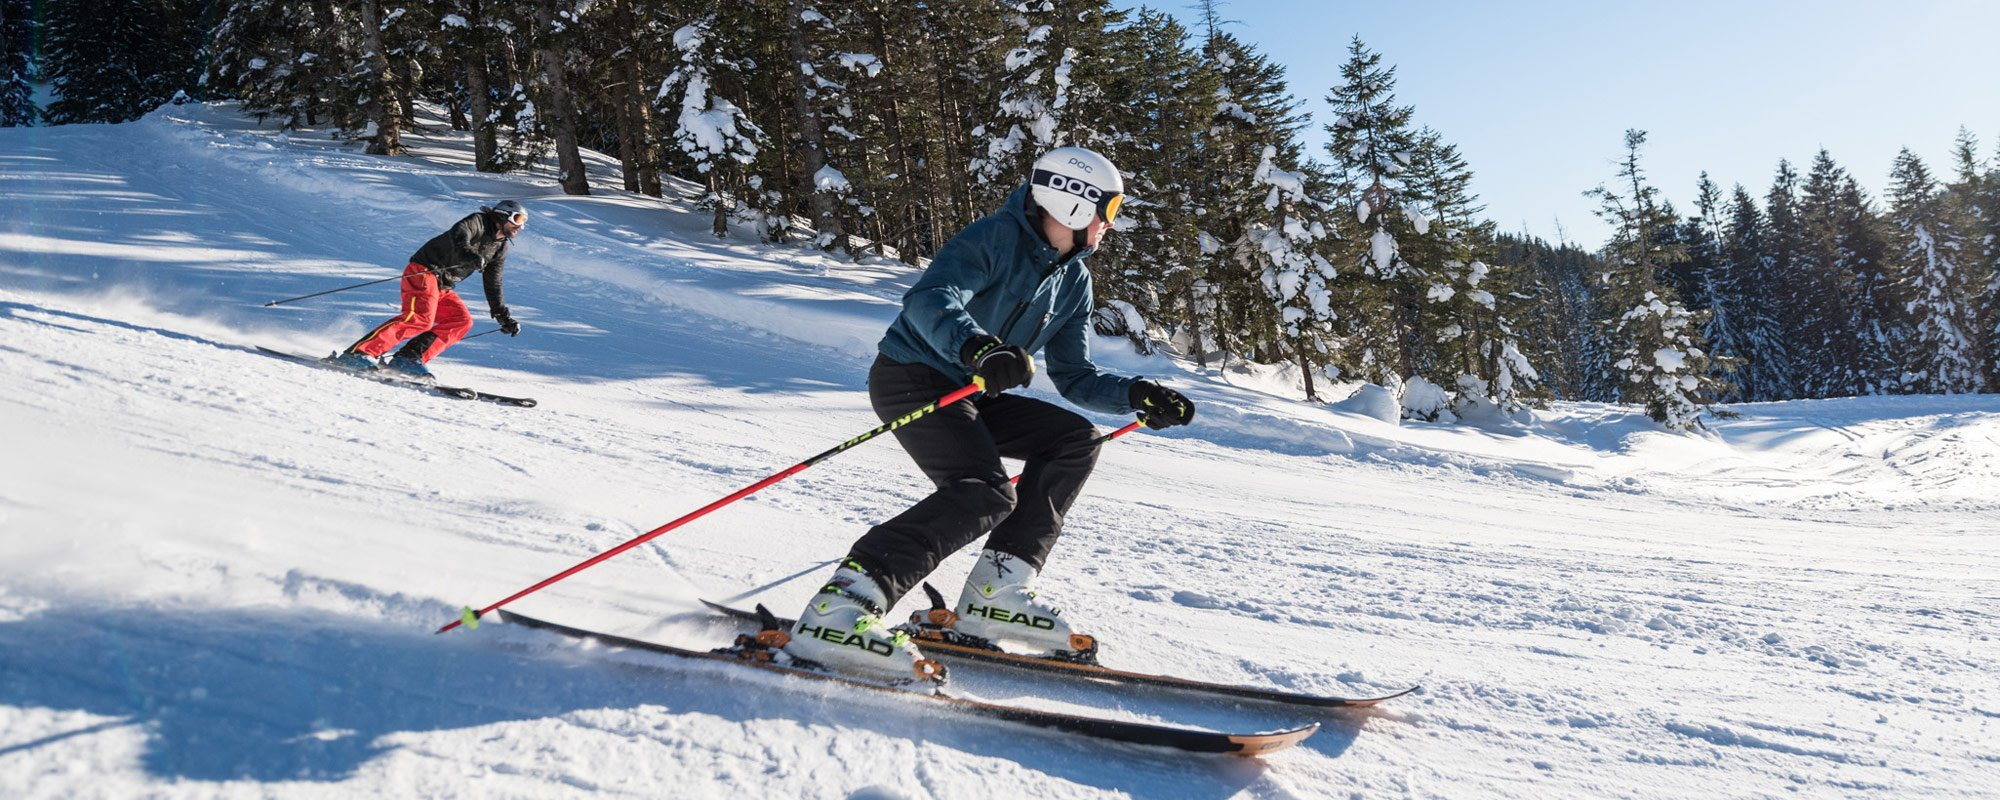 Angebote & Arrangements im Biohotel im Allgäu | Skiurlaub, Wandern, Wellness und mehr